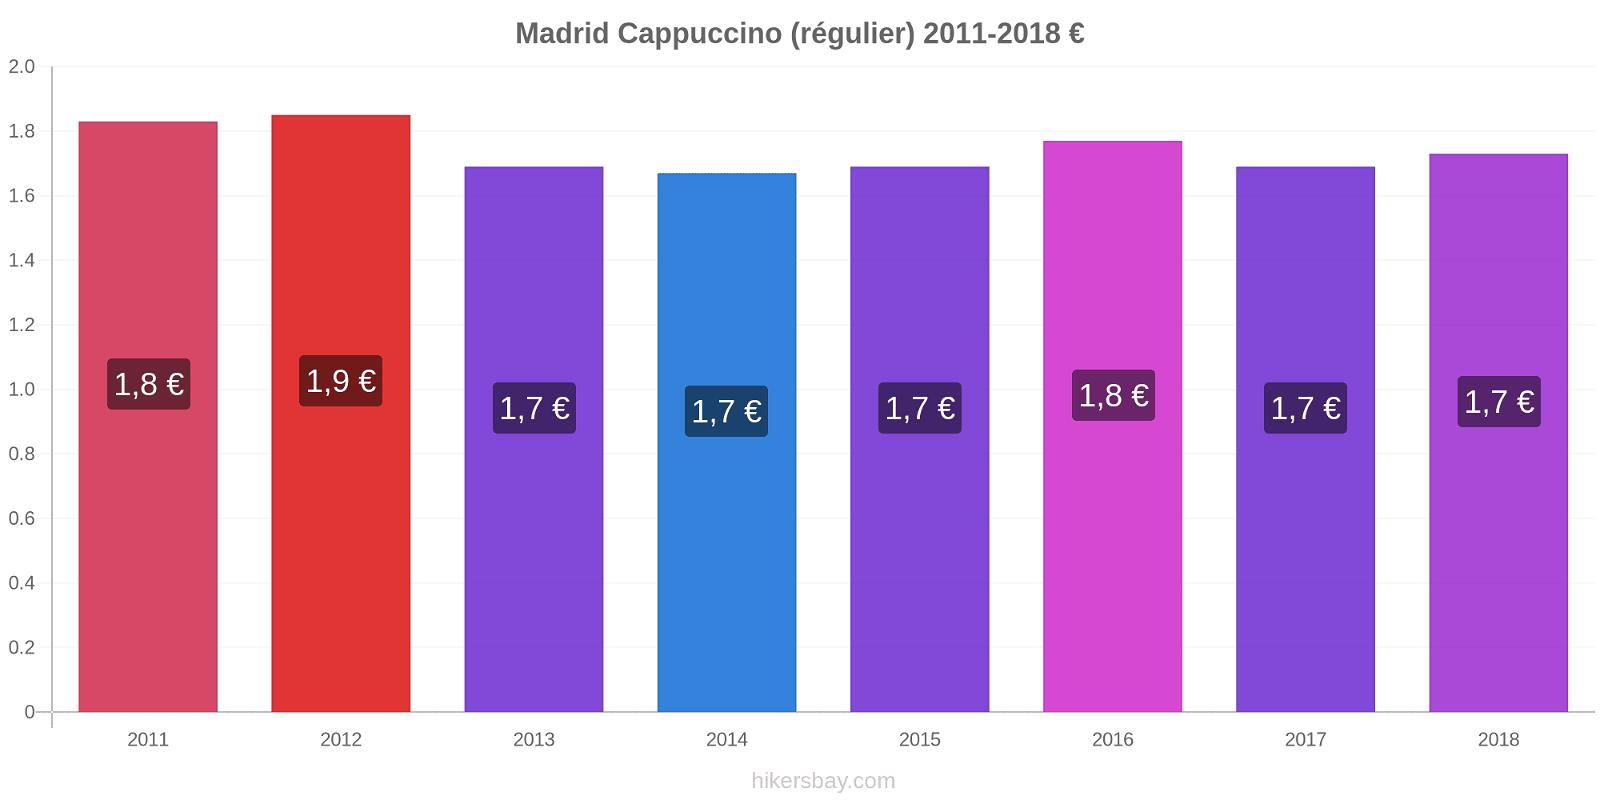 Madrid changements de prix Cappuccino (régulier) hikersbay.com